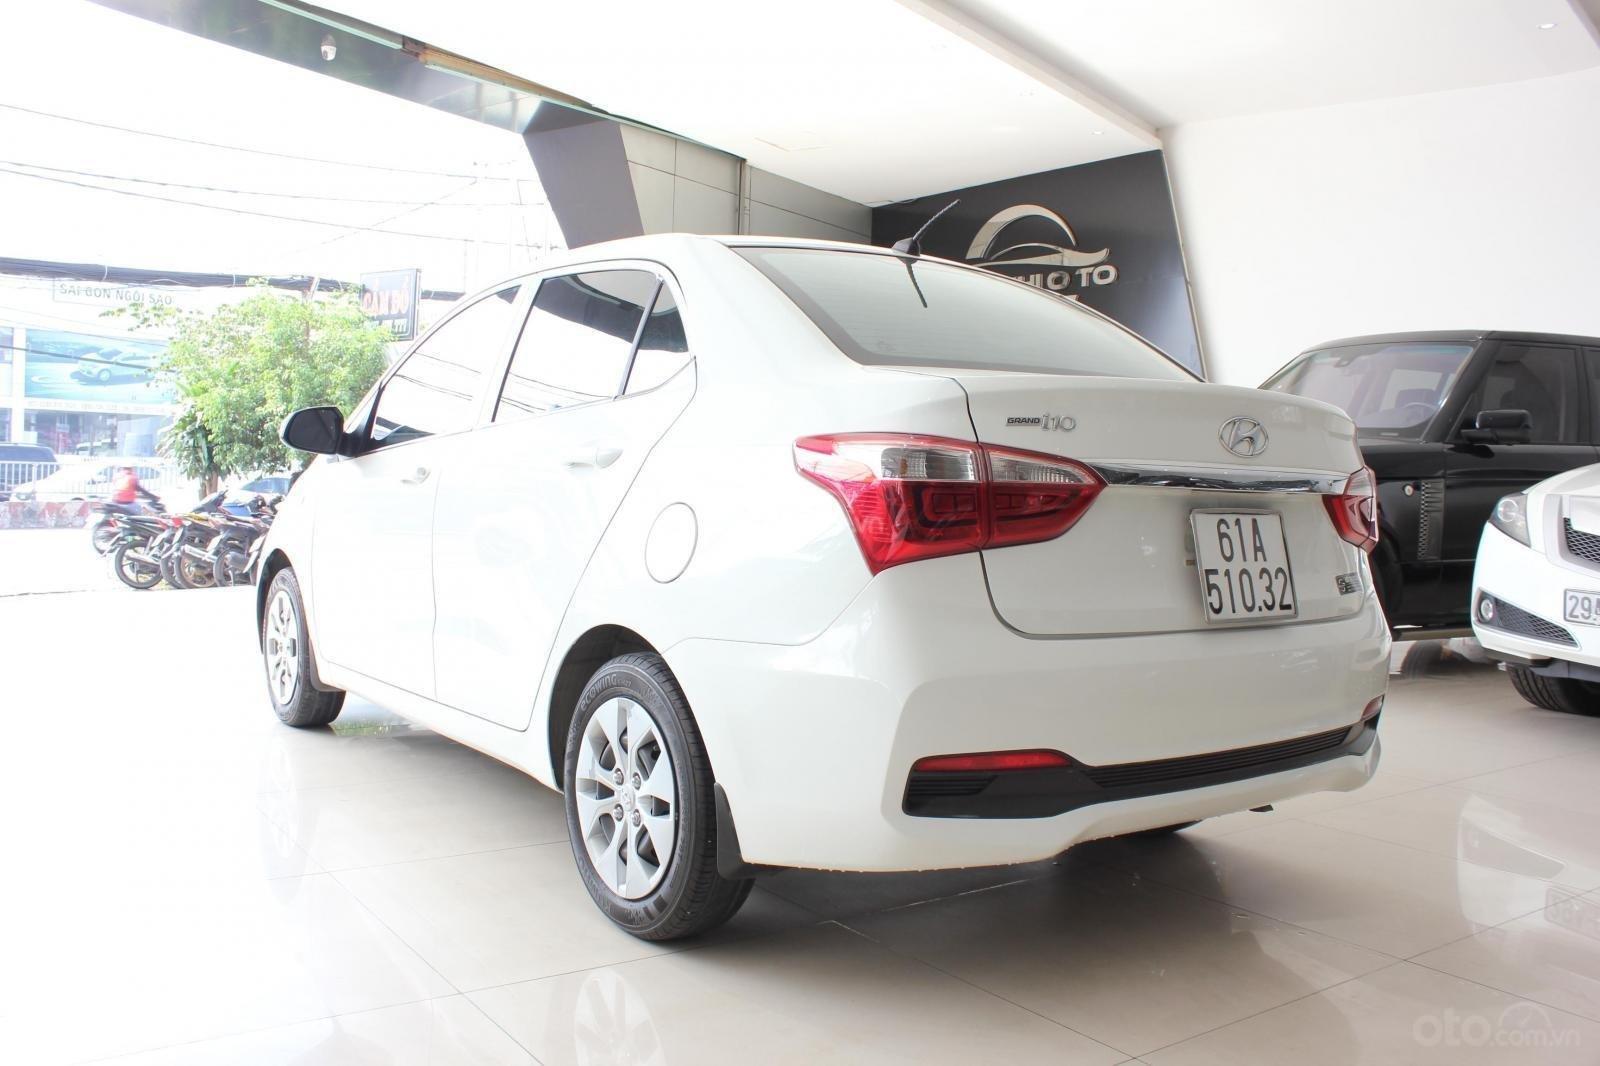 Bán xe Hyundai Grand i10 đời 2018, màu trắng, 335 triệu (11)